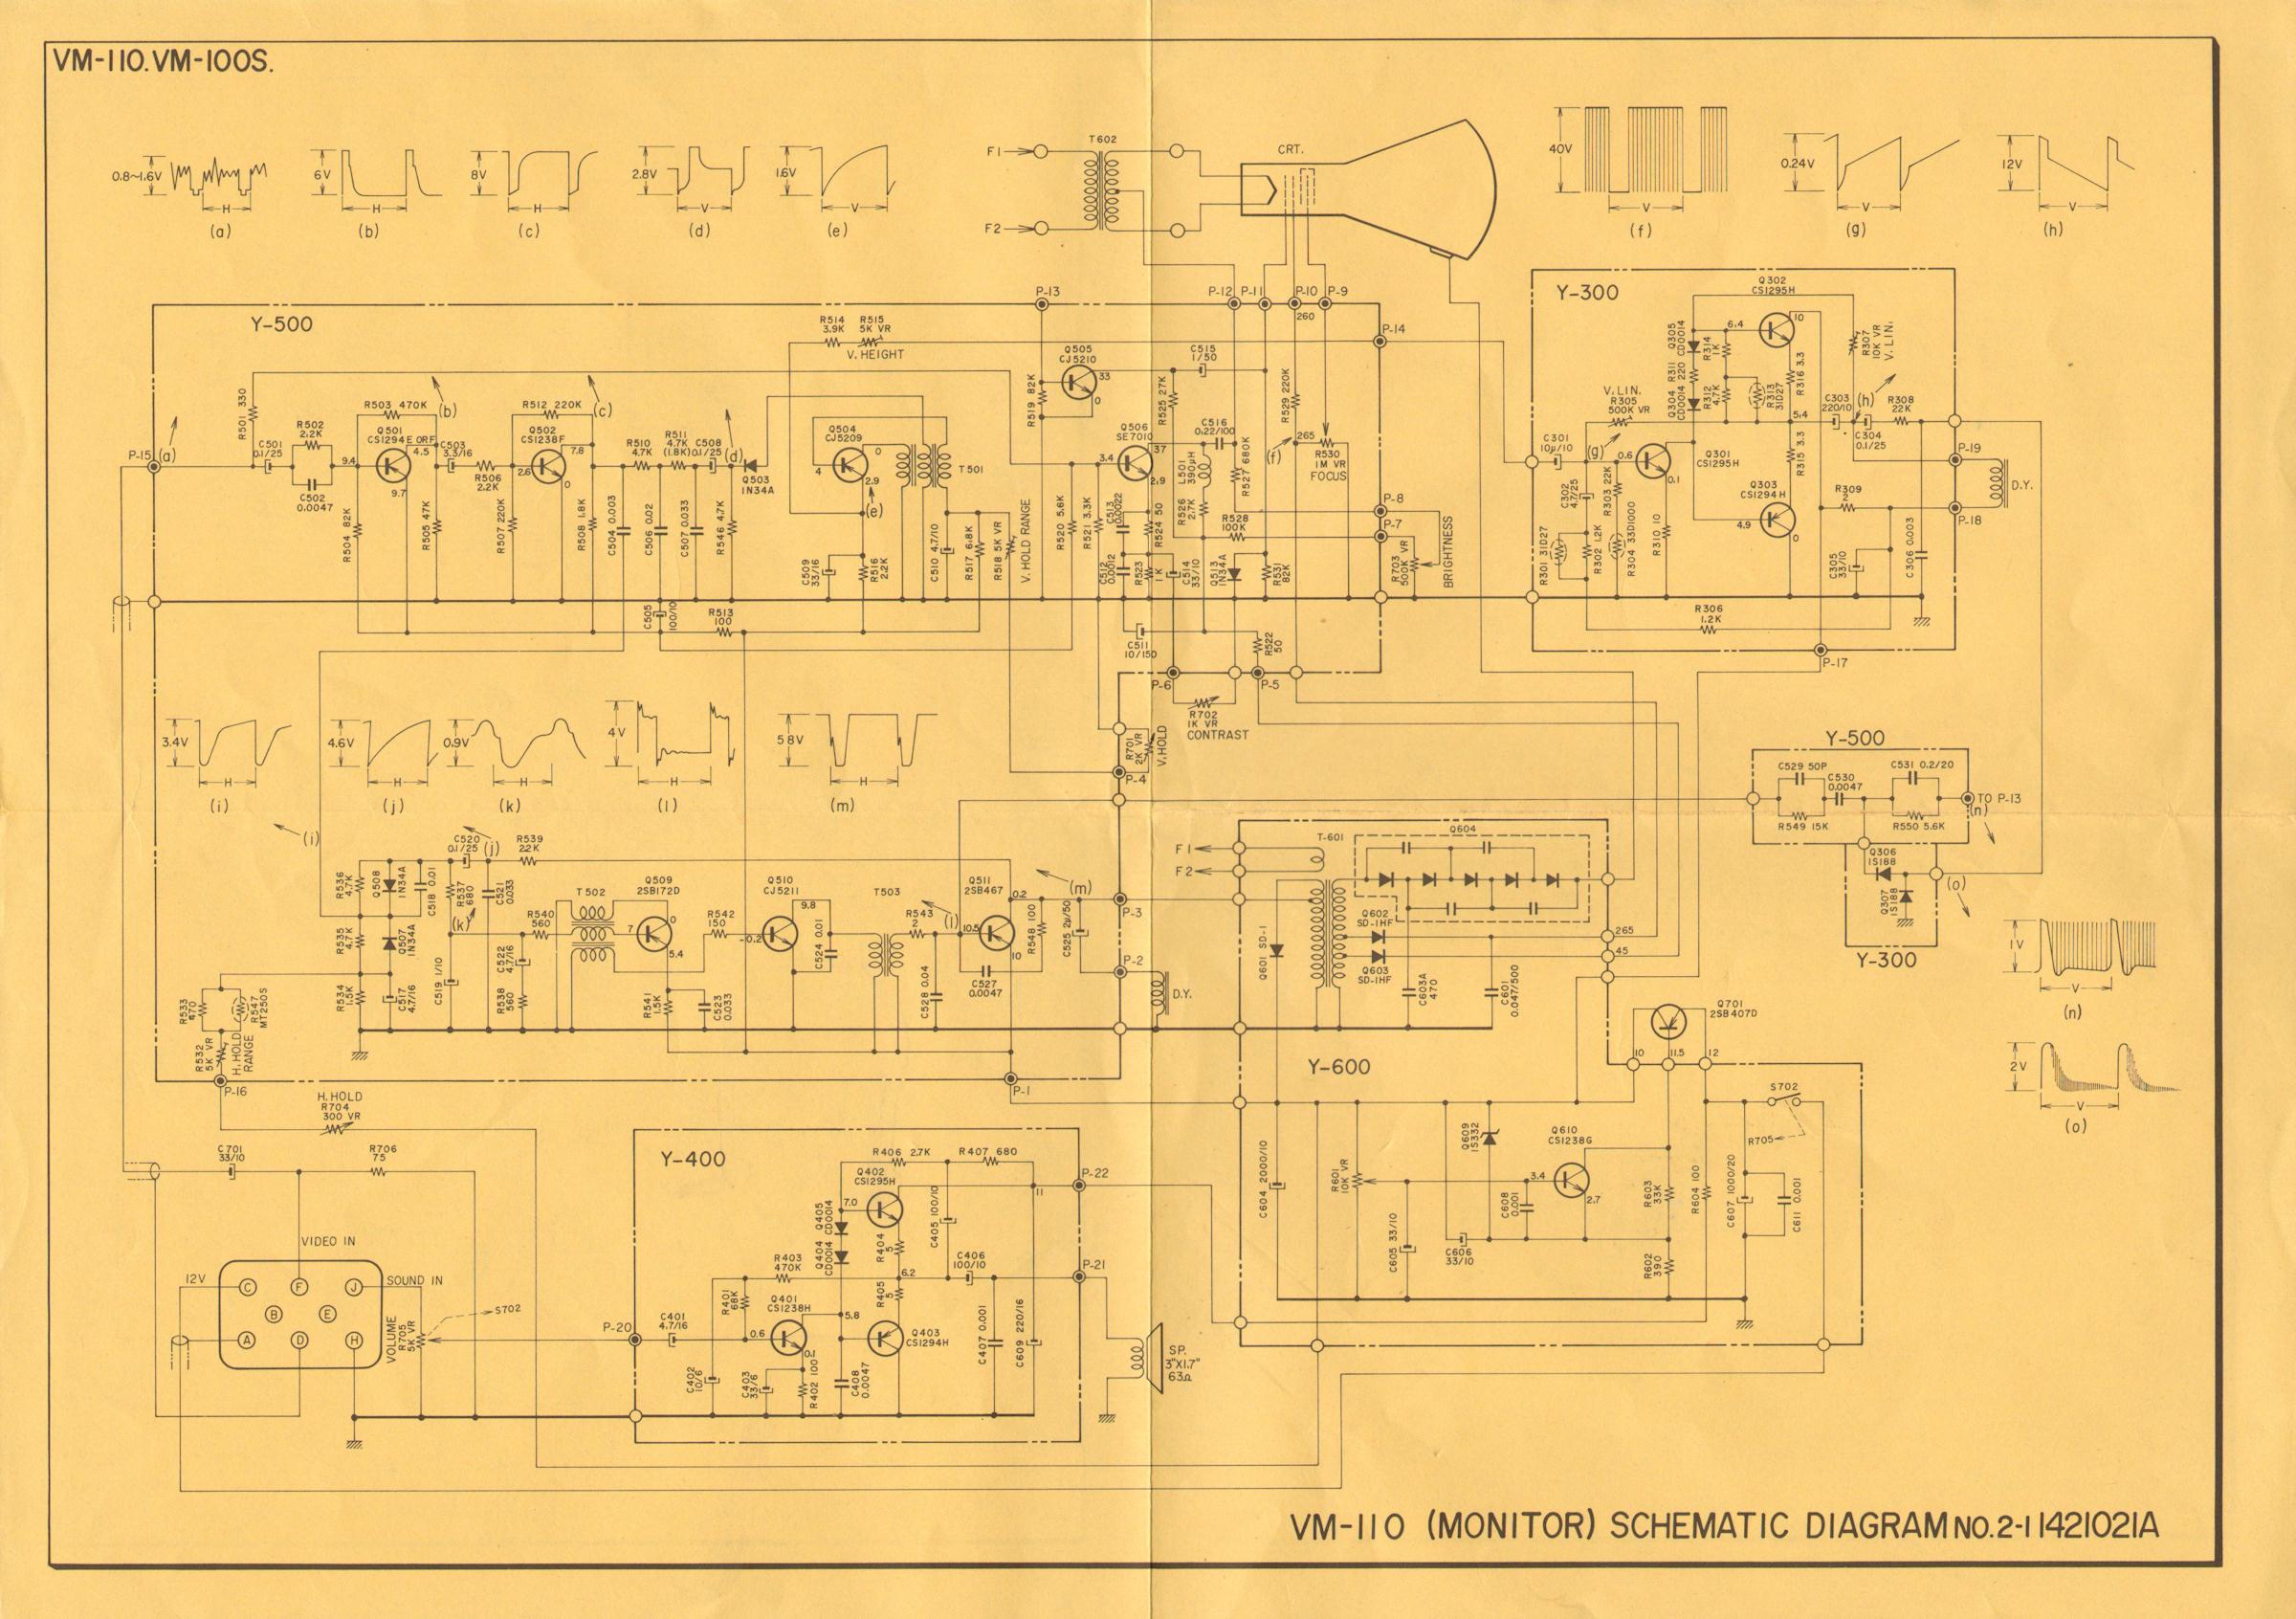 Akai VM-100, 3 inch CRT BW video monitor circa 1972 20130803